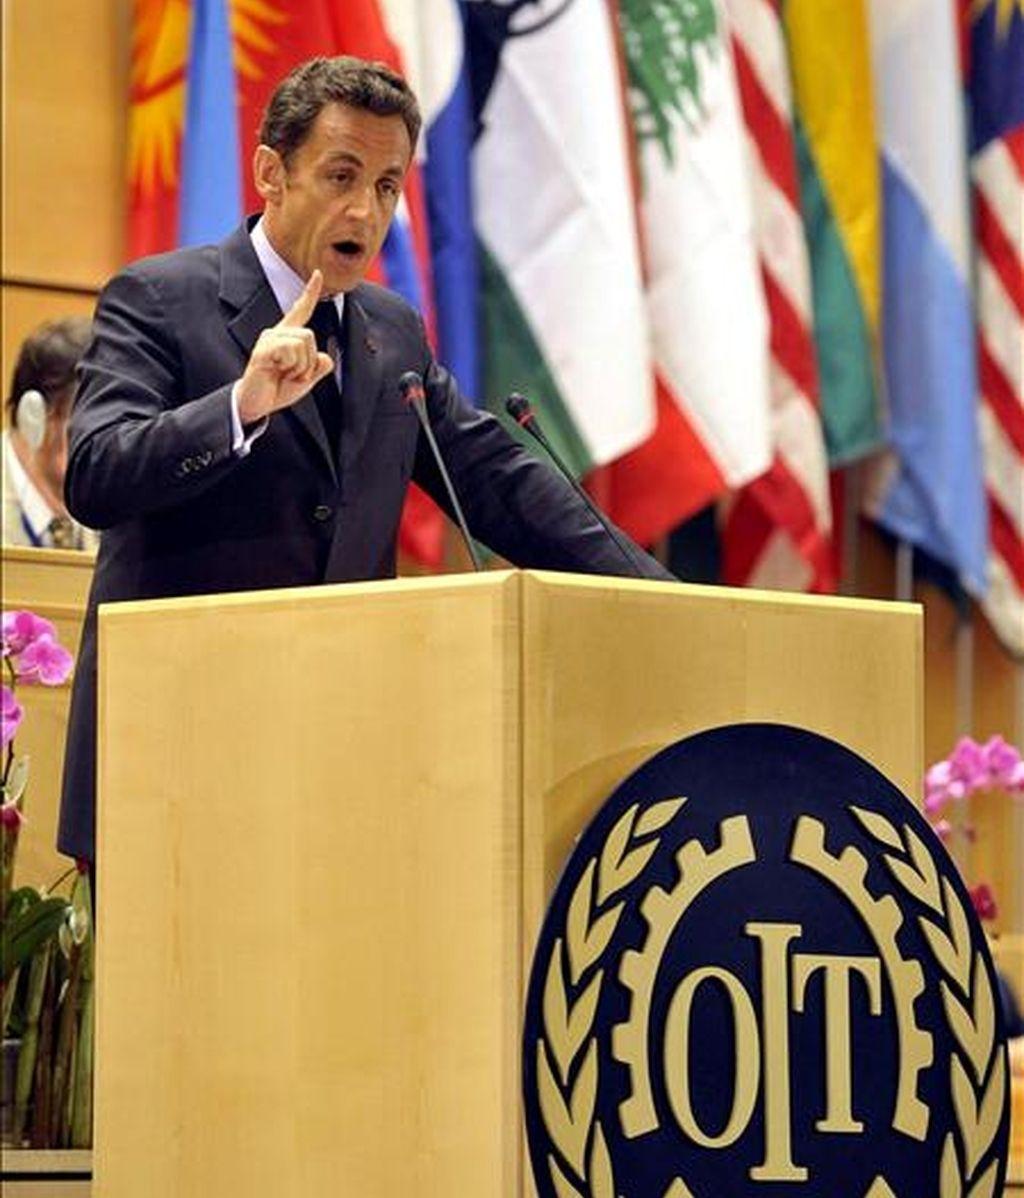 El presidente de Francia, Nicolás Sarkozy, durante su intervención en la 98º Cumbre Mundial del Empleo que se está celebrando en Ginebra, Suiza. EFE